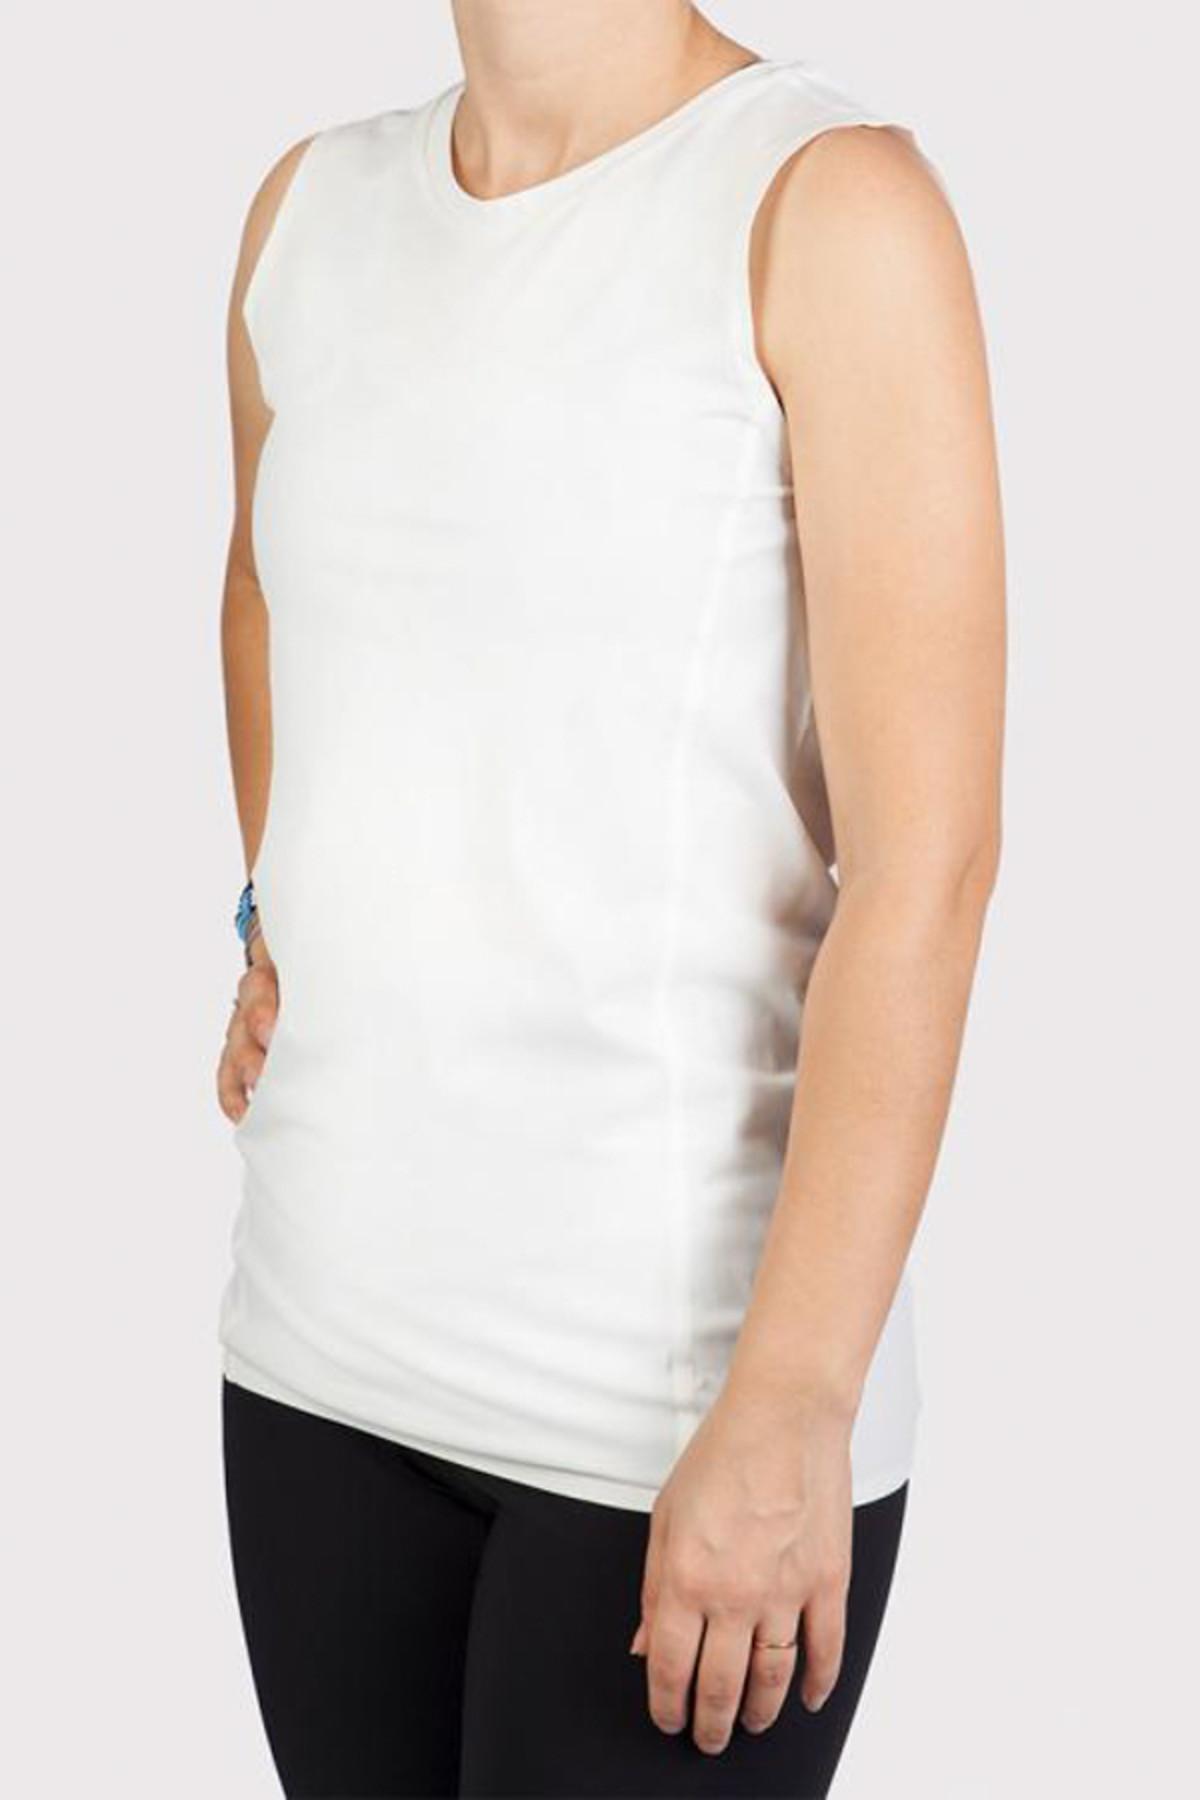 Exuma Kadın Beyaz T-shirt - 182200 1